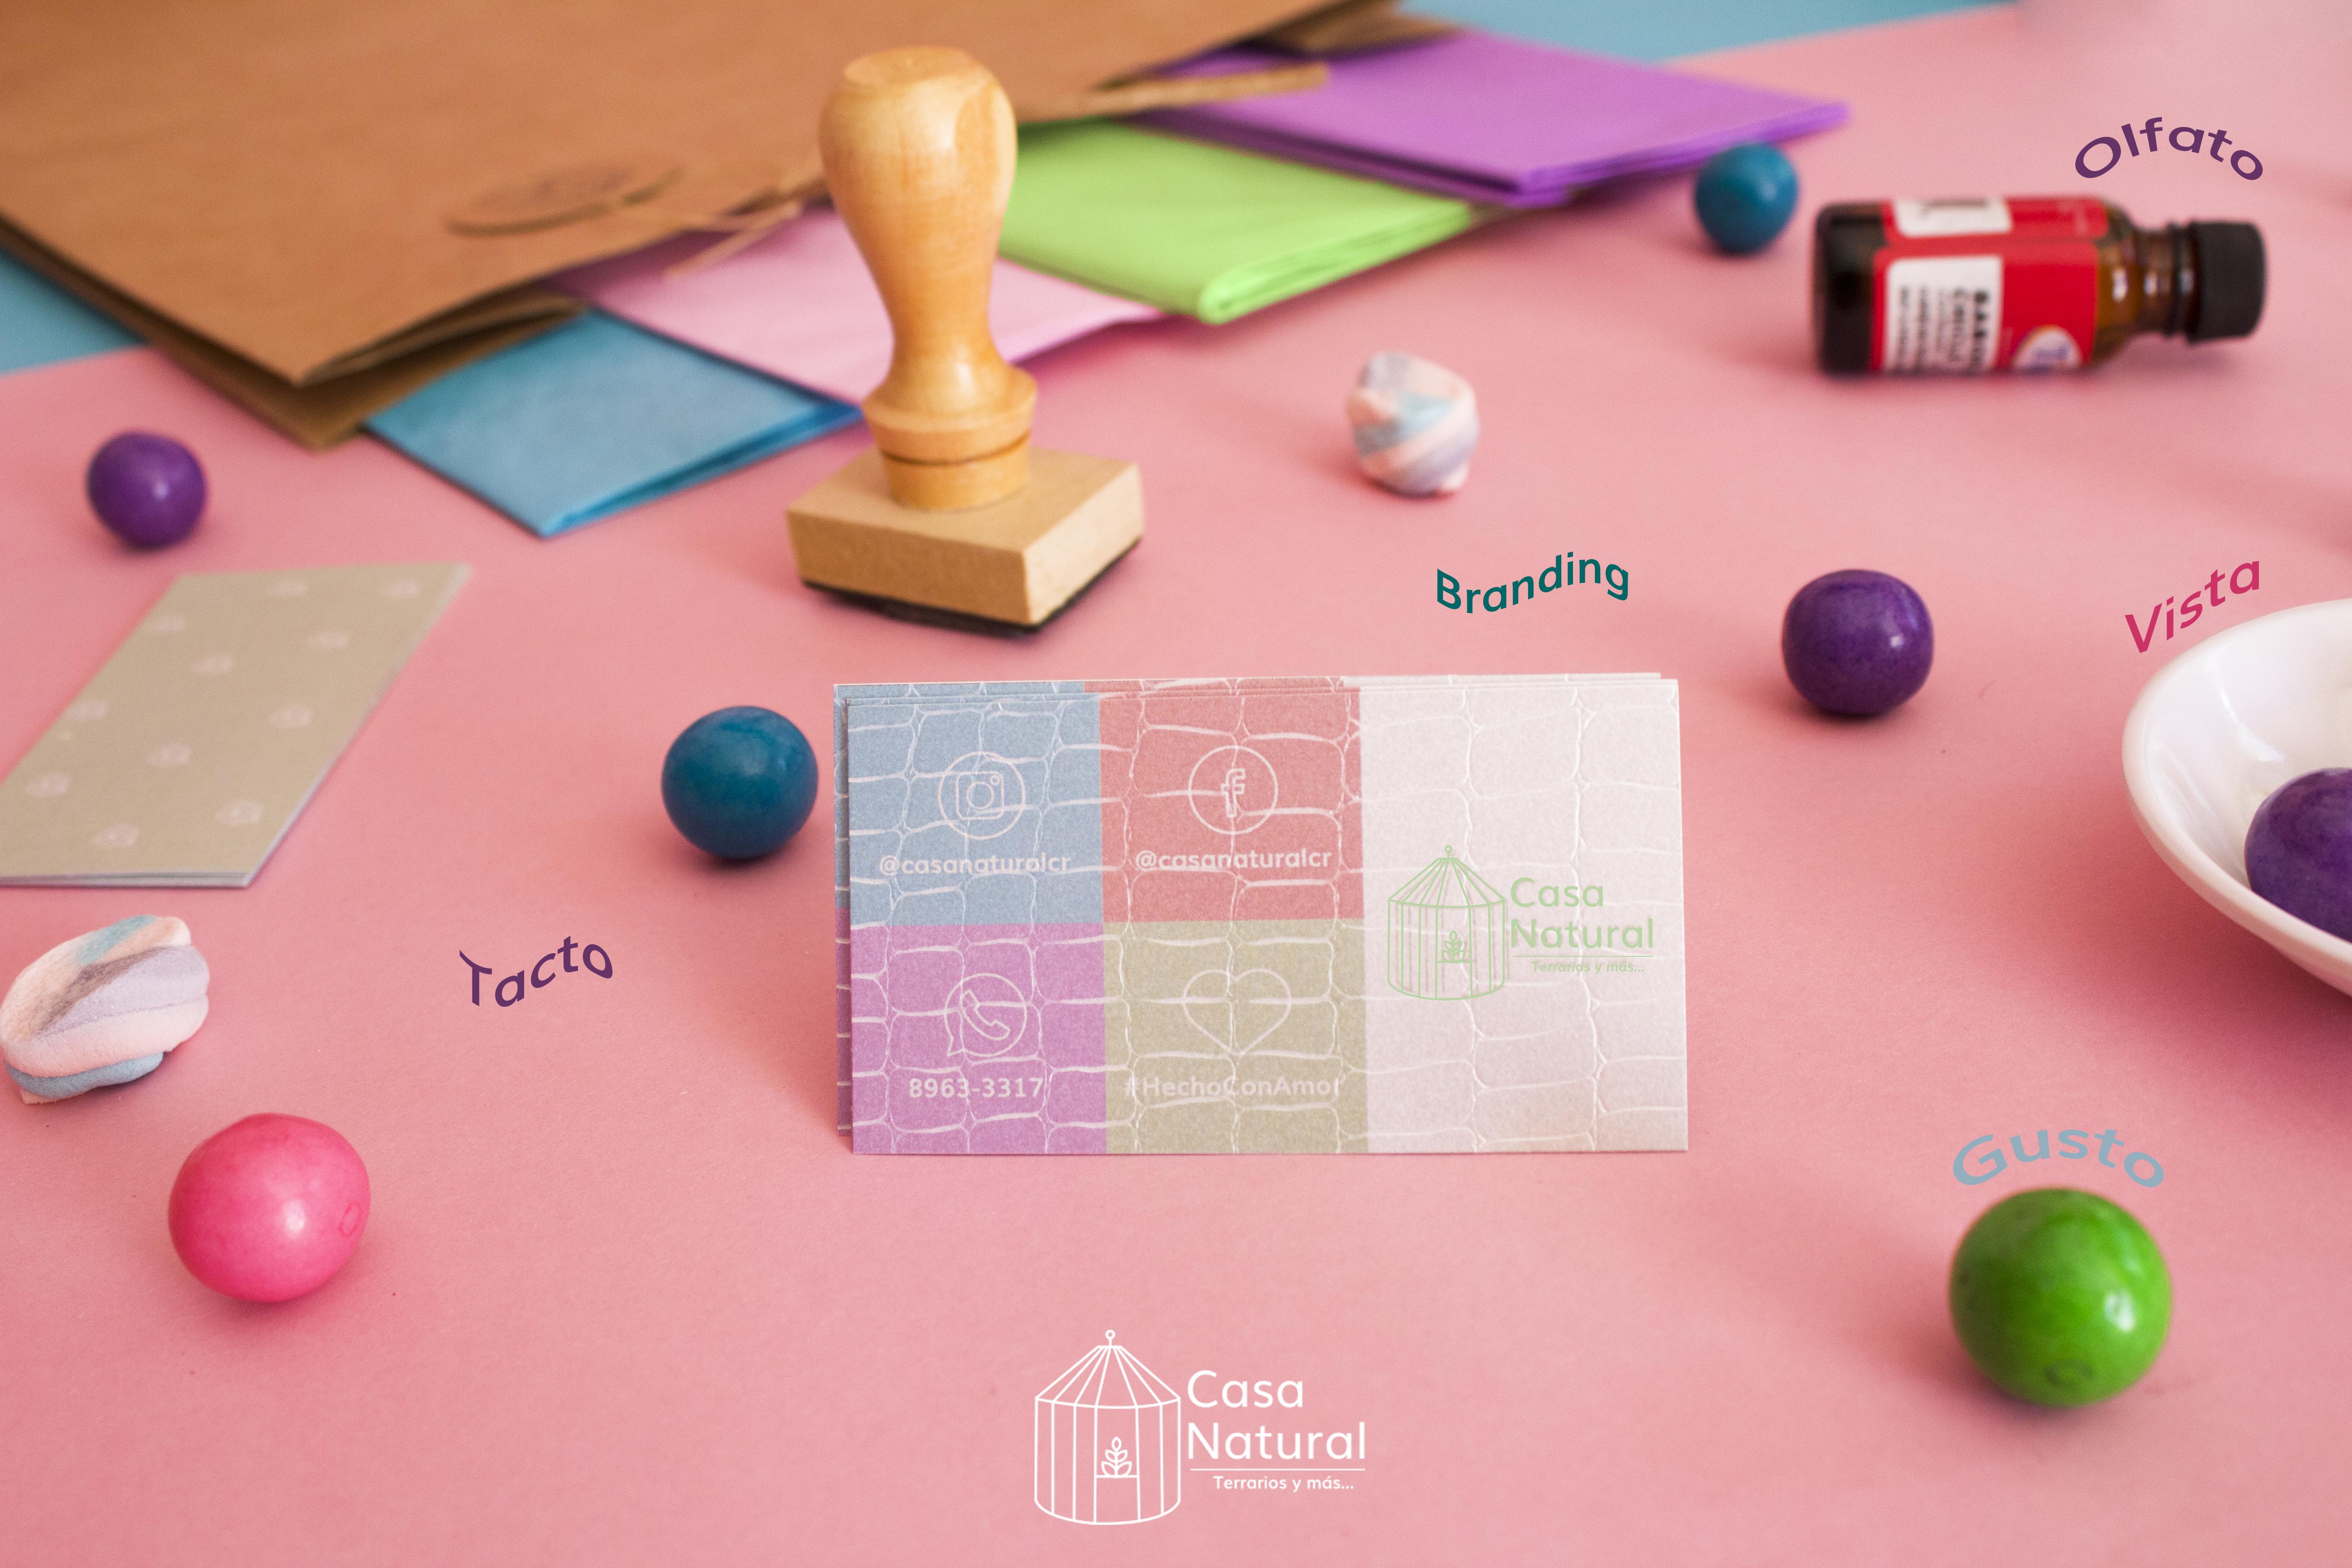 Nuestra marca es: creativa, divertida y sensorial. En esta nueva imagen de Casa Natural decidimos involucrar los sentidos (sensorial) con el fin de crear emociones, beneficios y personalidad; de esta manera reforzando lo que es nuestra marca.